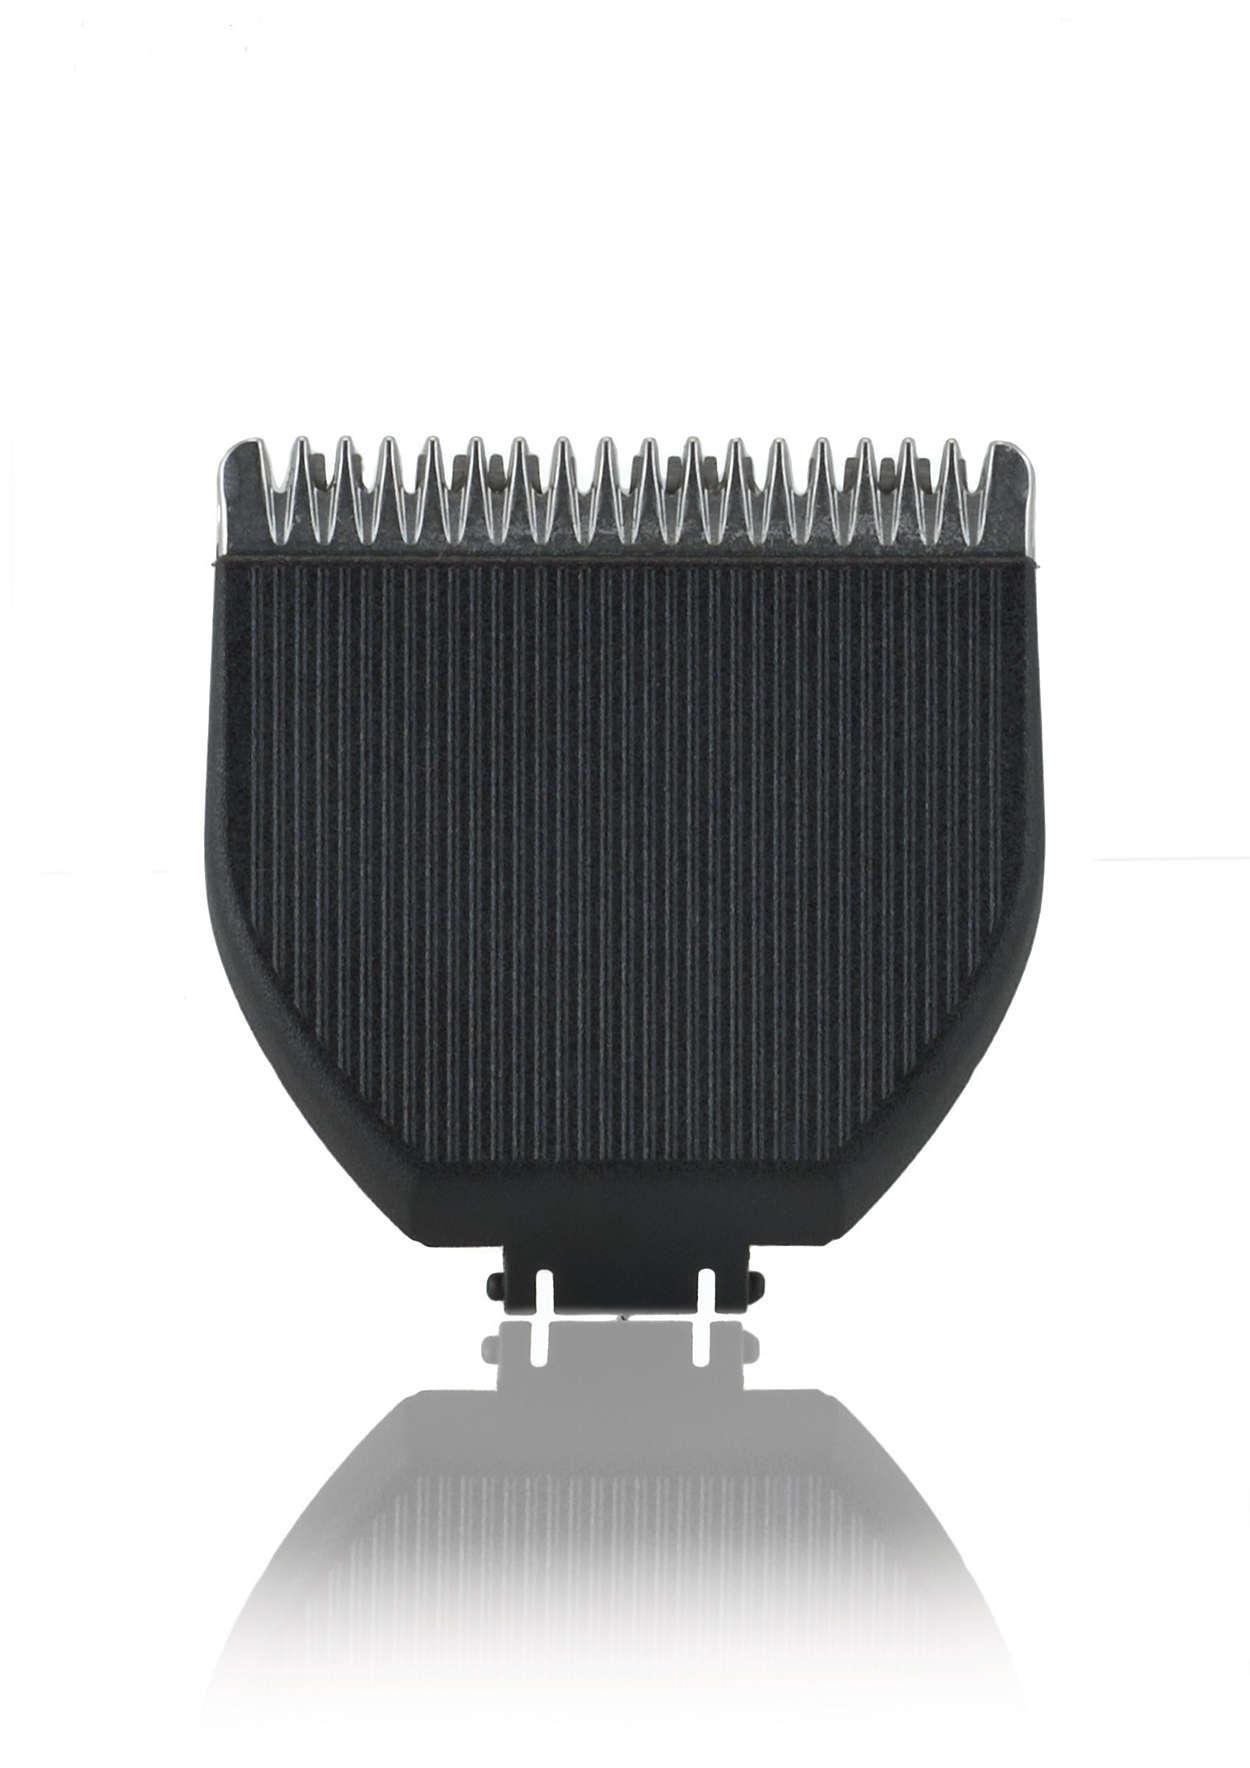 Uno strumento aggiuntivo per il tuo dispositivo di rasatura